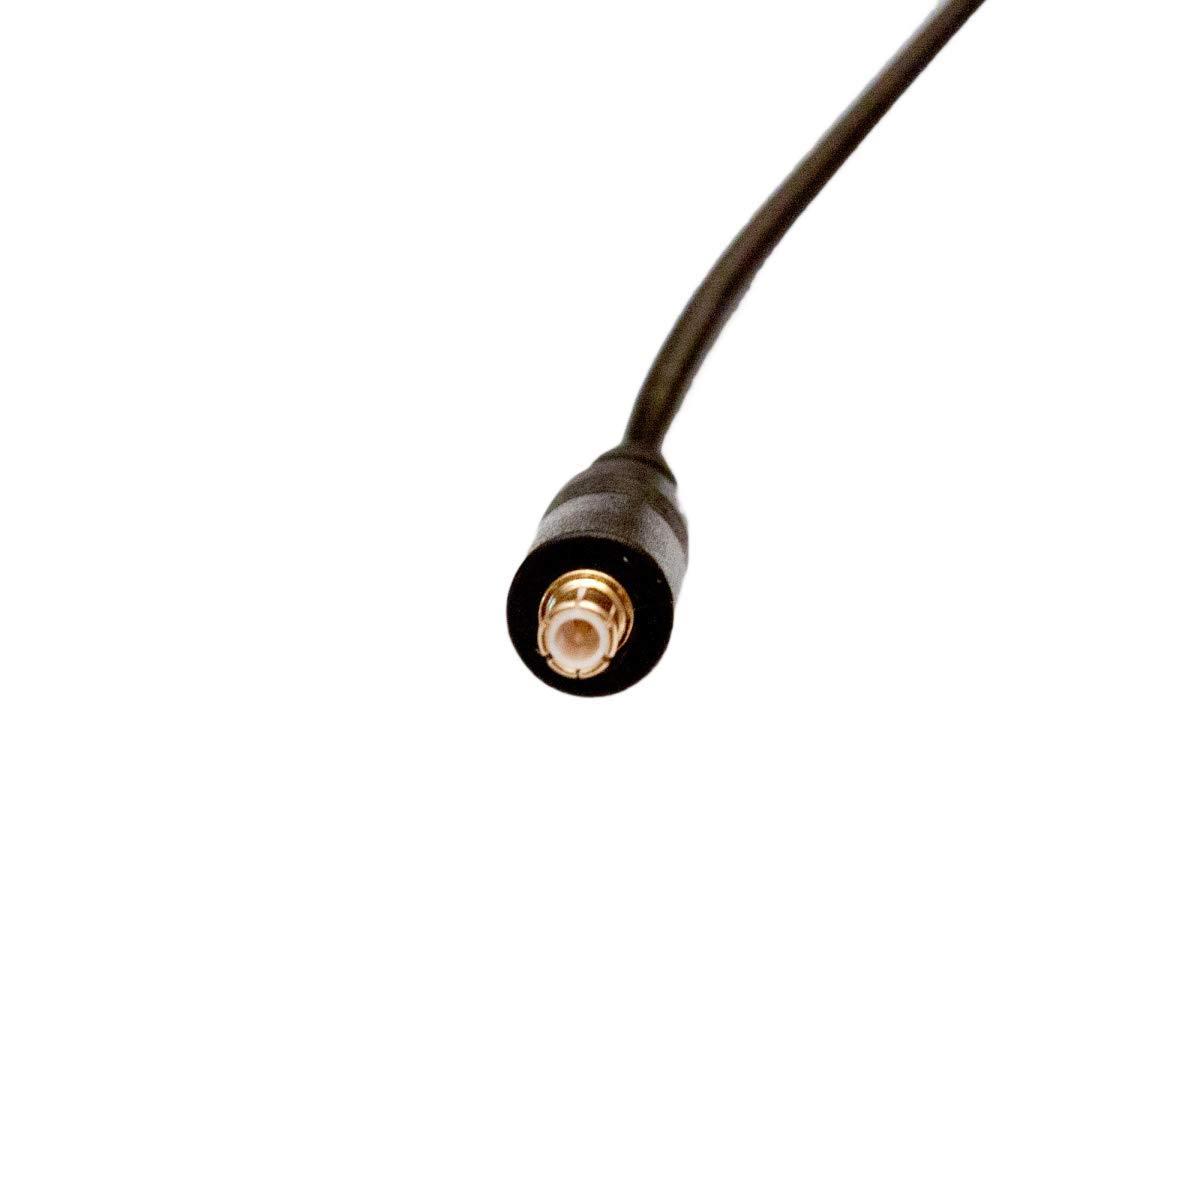 Juego de receptores Nooelec NESDR Mini USB RTL-SDR y ADS-B, sintonizador RTL2832U y R820T, entrada MCX. Radio de bajo costo definida por software compatible con muchos paquetes de software SDR. Sintonizador R820T